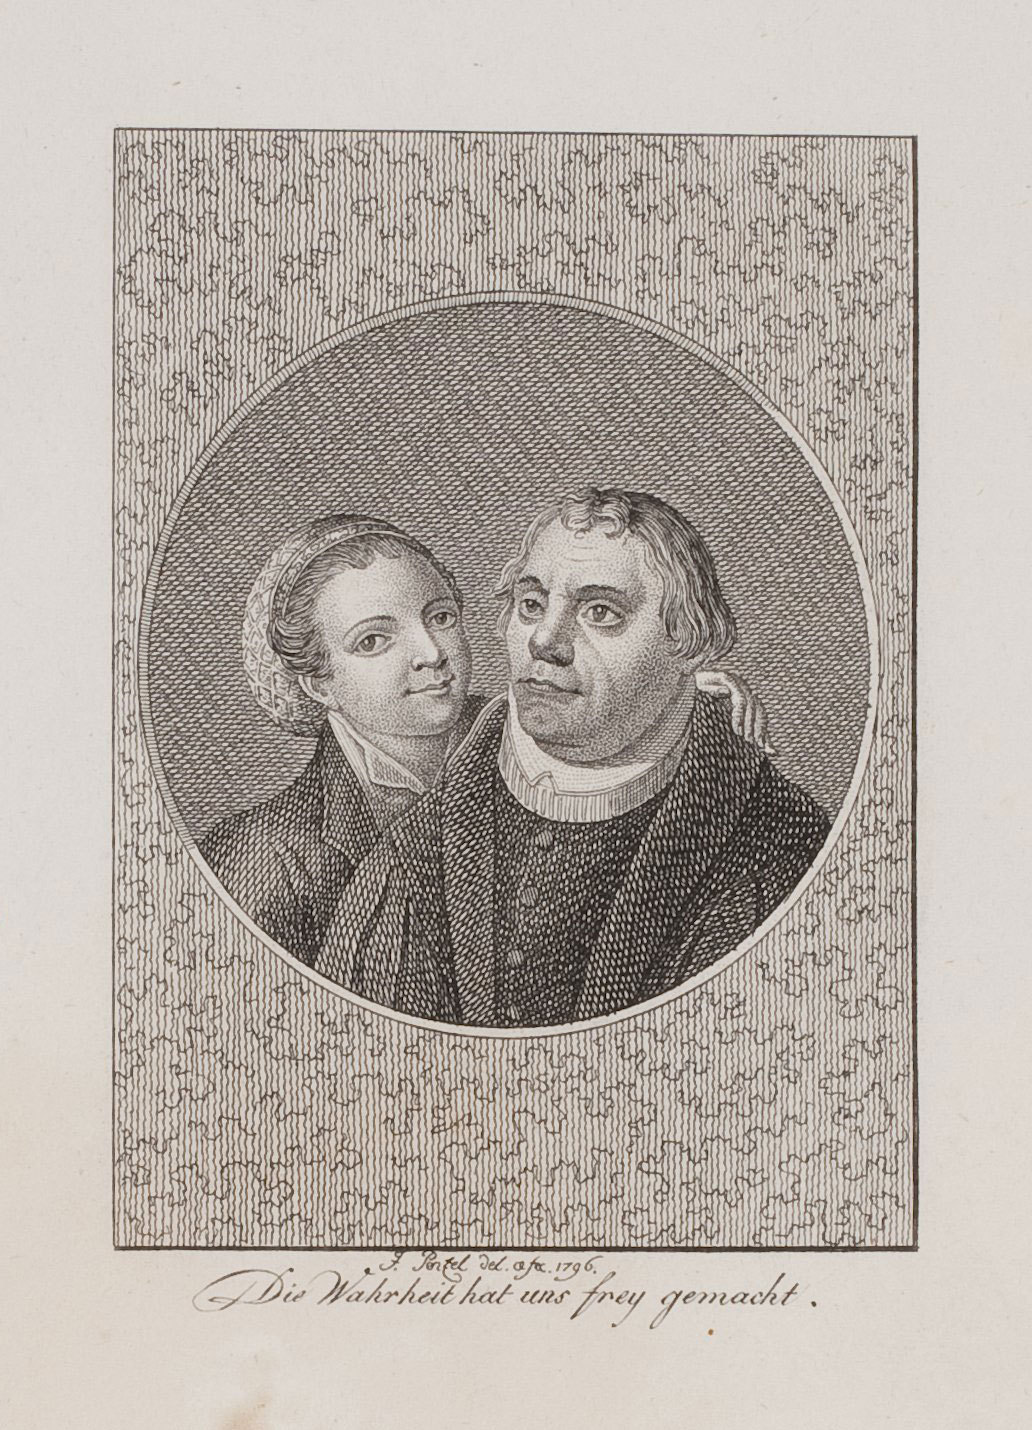 Doppelporträt von Martin Luther und Katharina von Bora